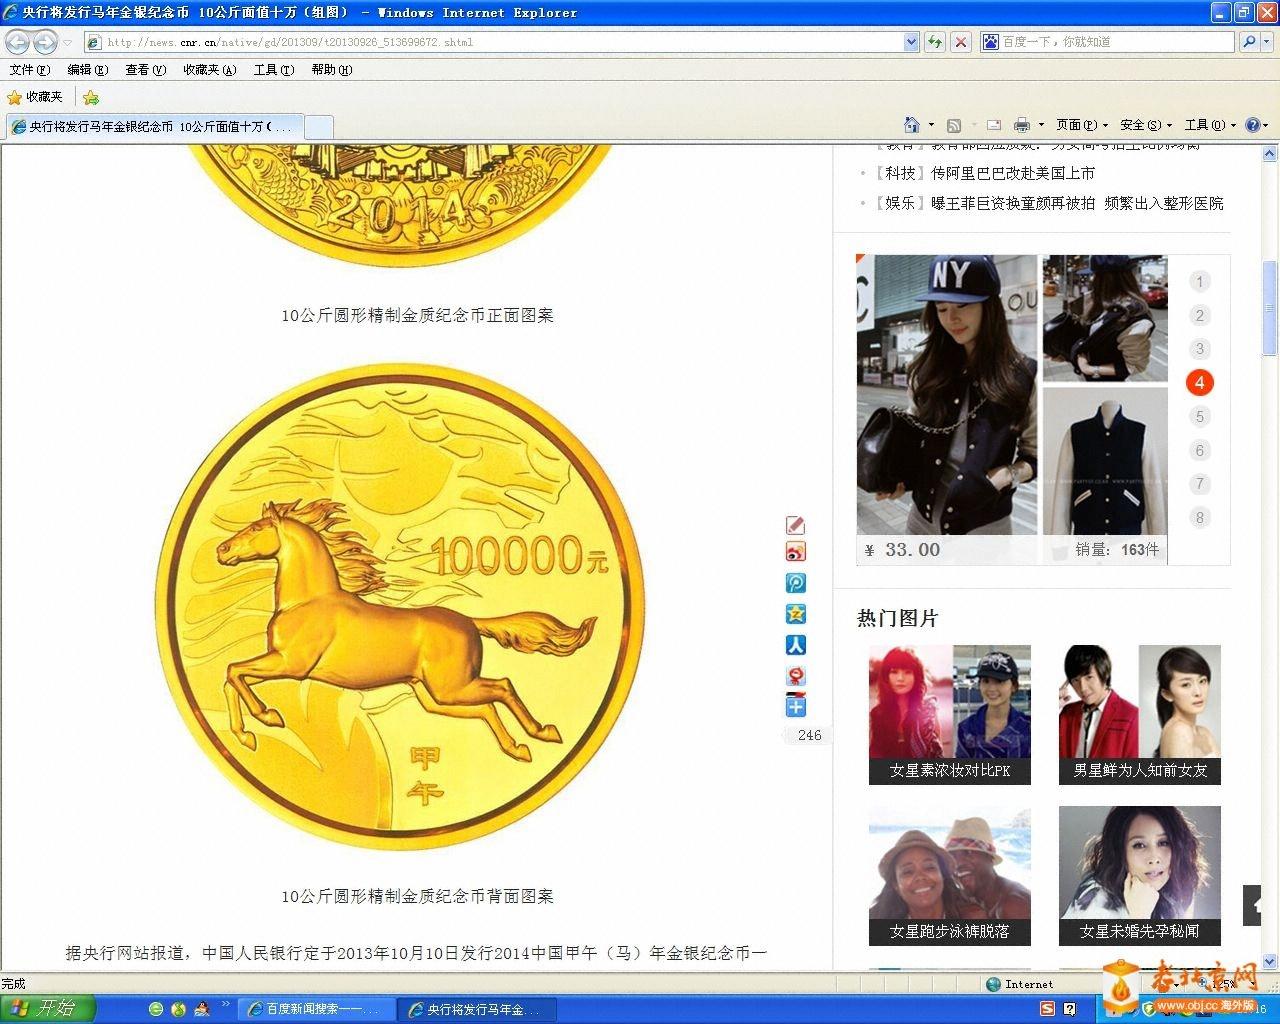 乌龙金币-2.jpg